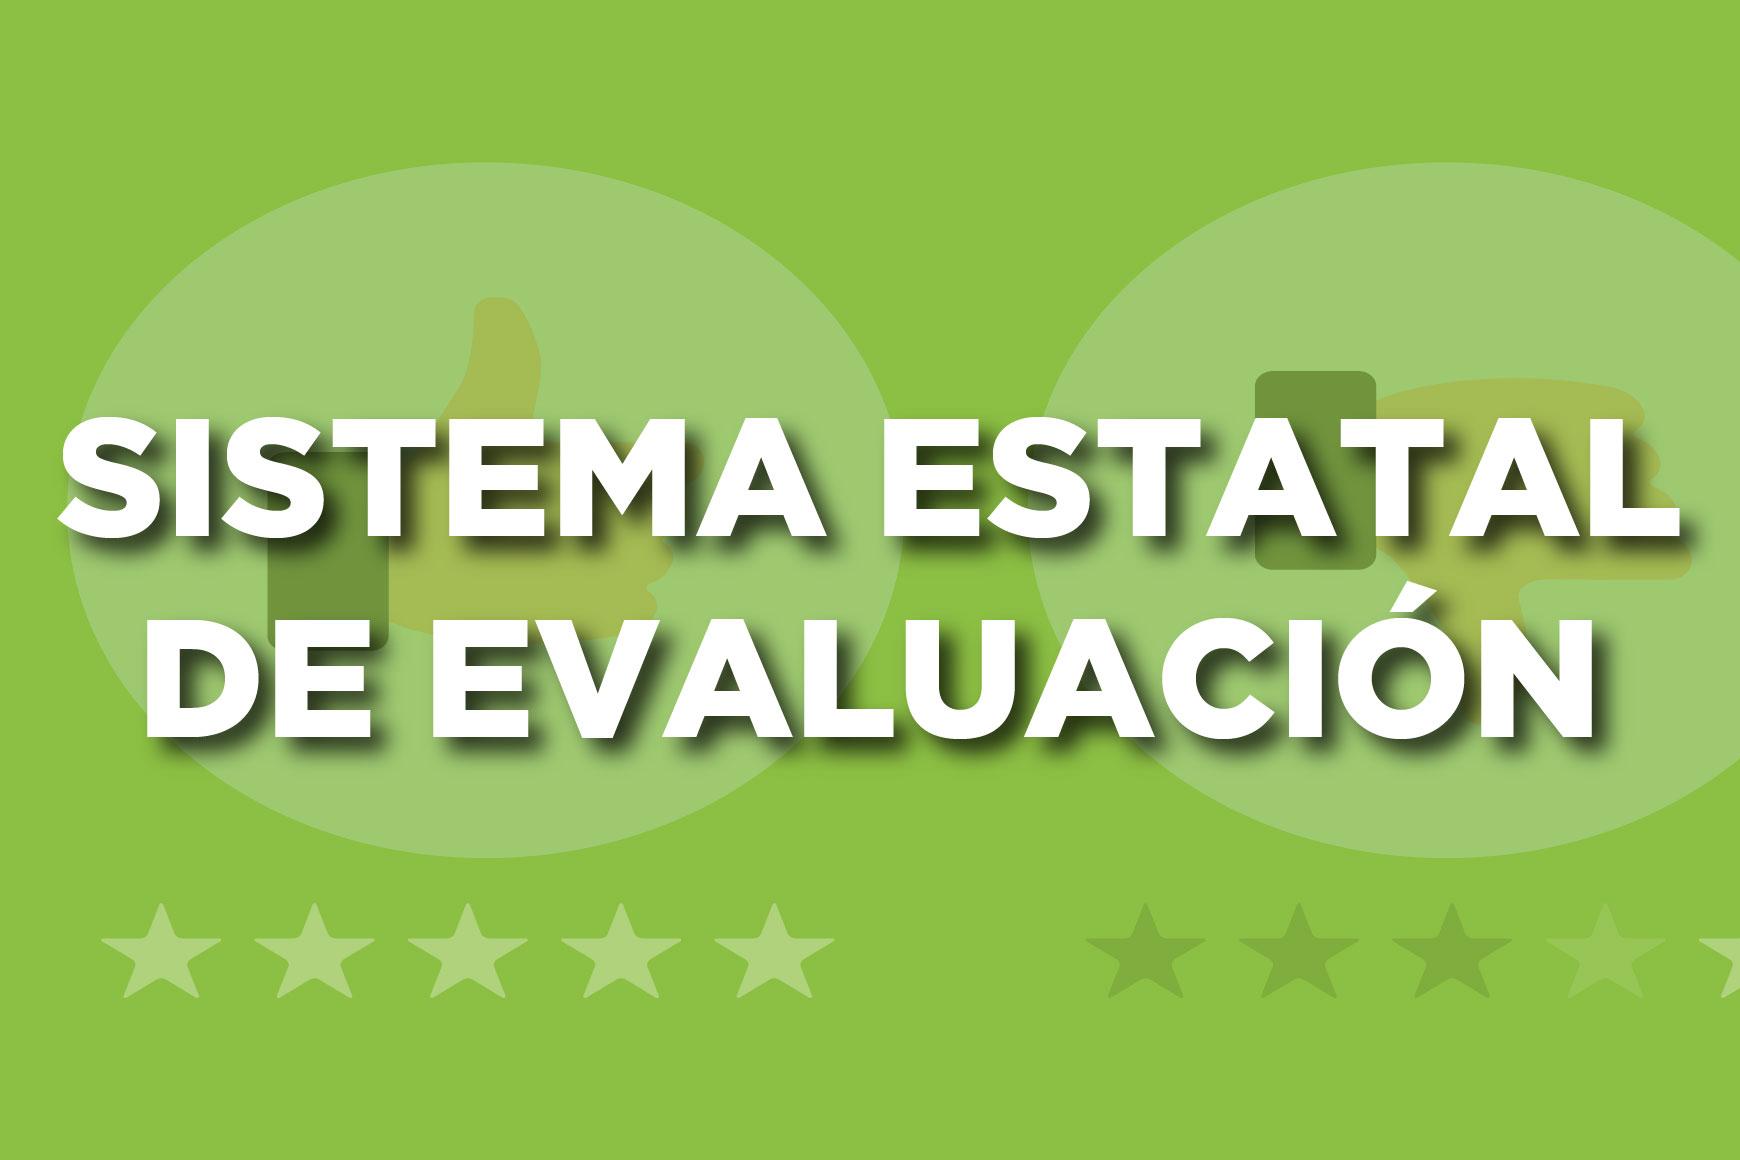 Sistema Estatal de Evaluación